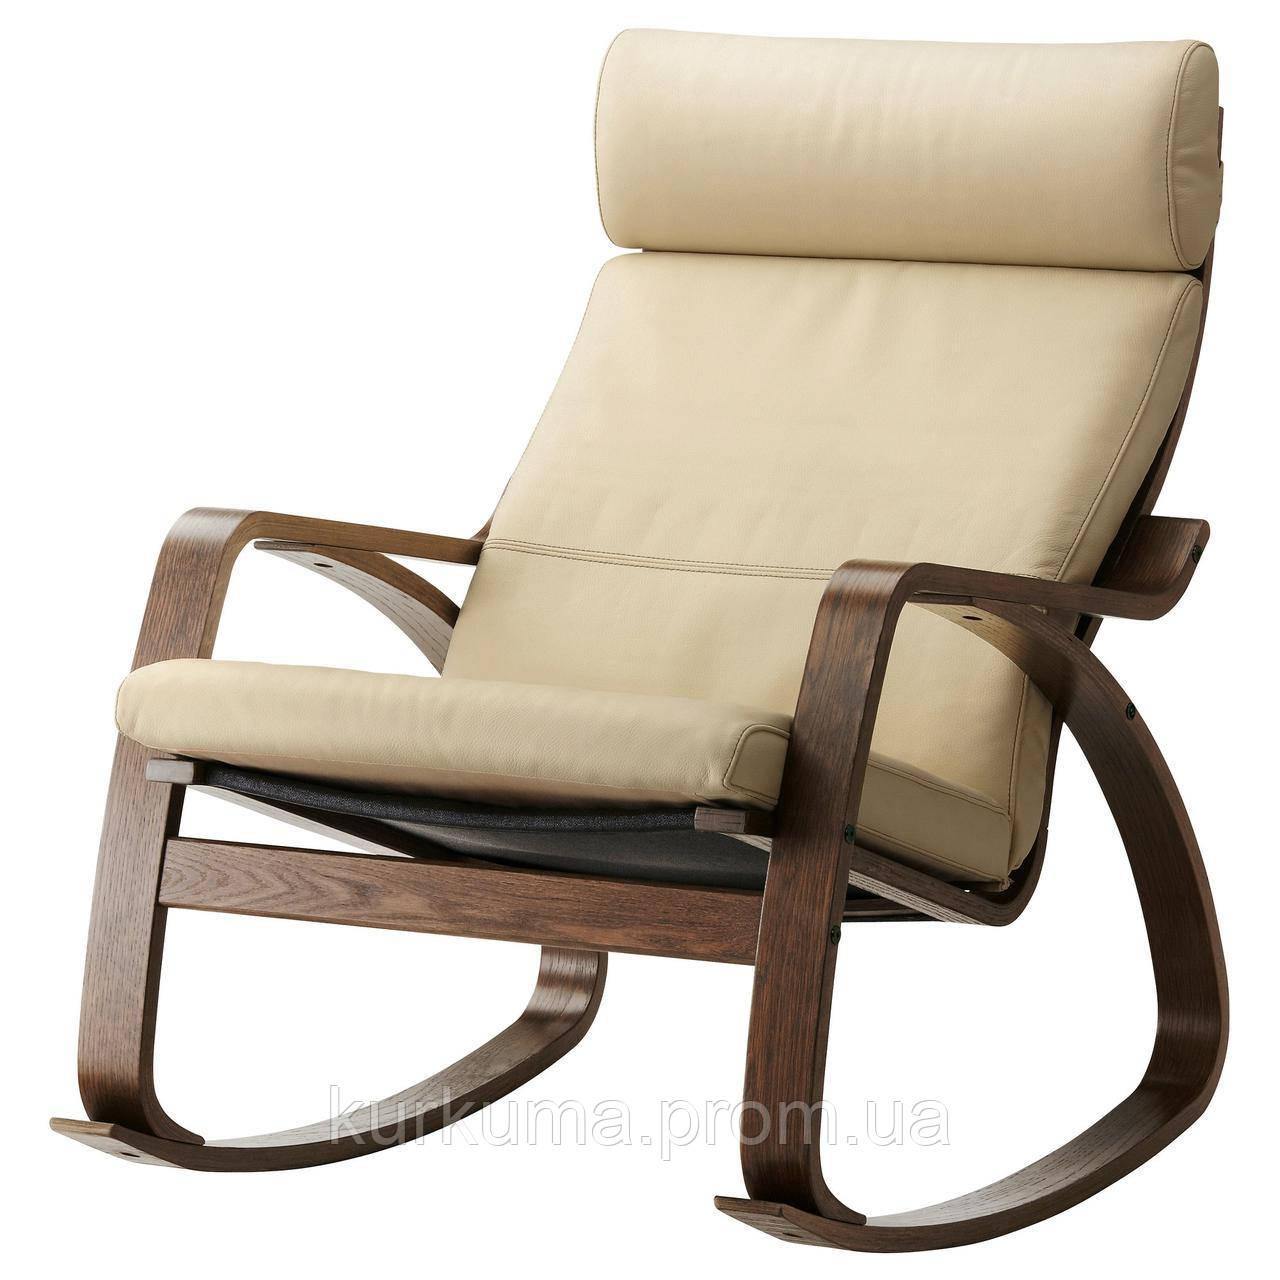 IKEA POANG Кресло-качалка, коричневый, голос надежный с белым  (499.008.67)